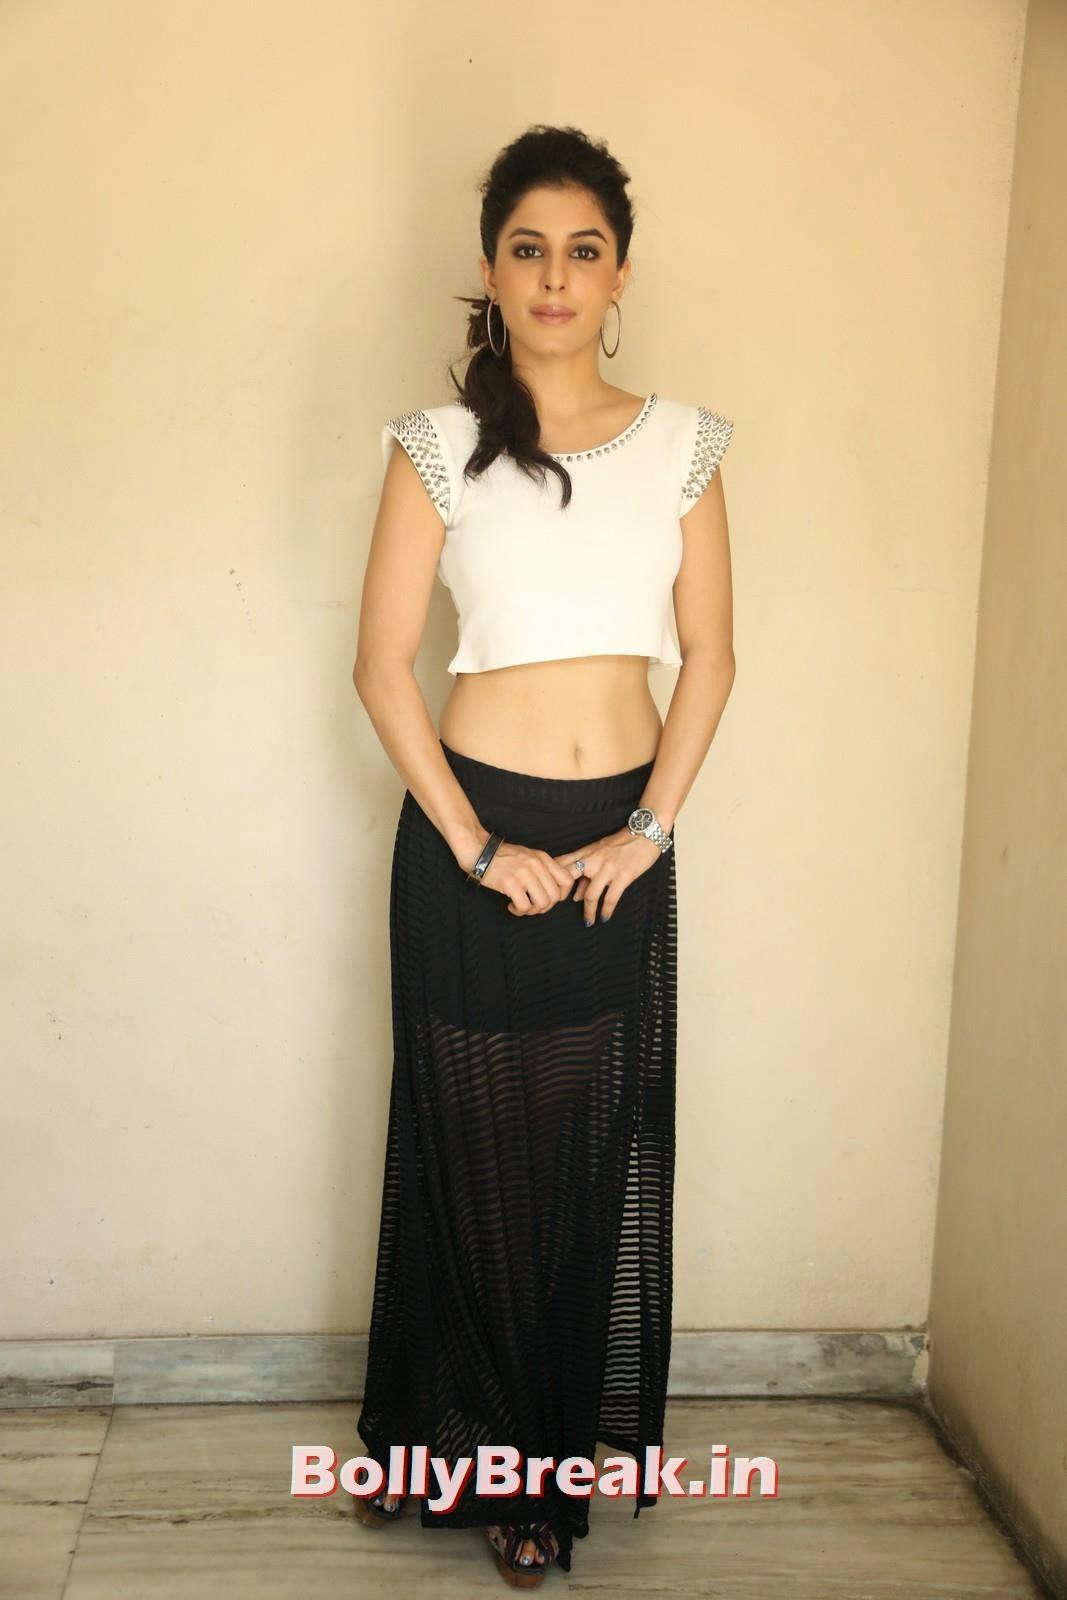 Isha Talwar (6), Isha Talwar Pics in Tank Top - Navel Pics - Bollybreak Glam Actress of the Day